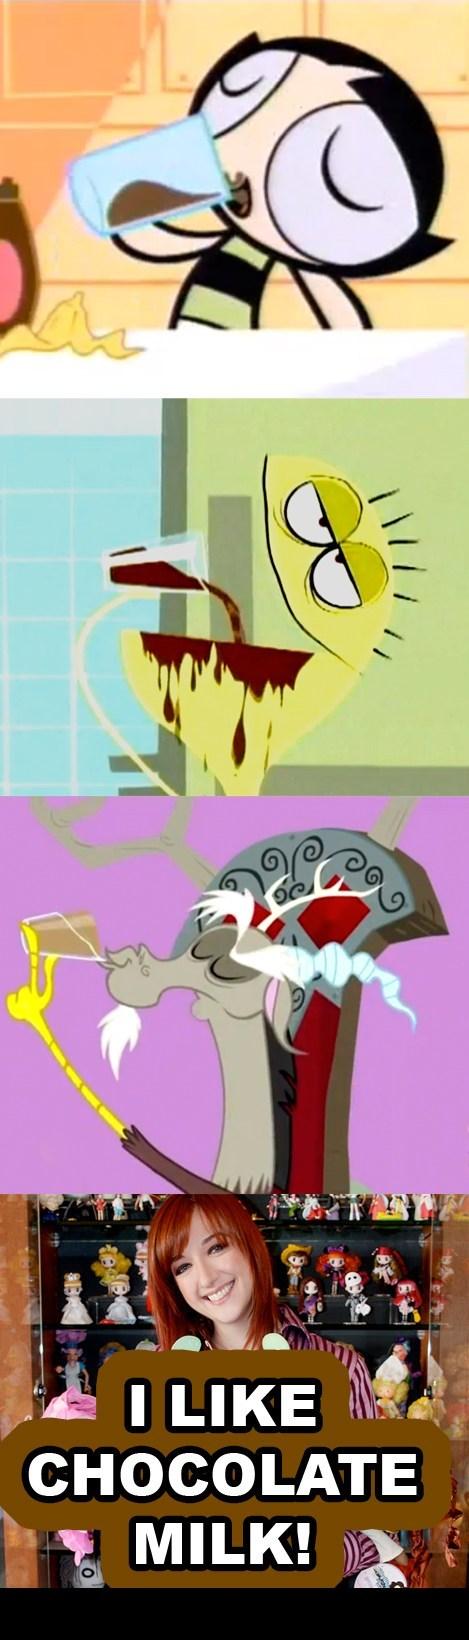 lauren faust chocolate milk cartoons - 5257677568